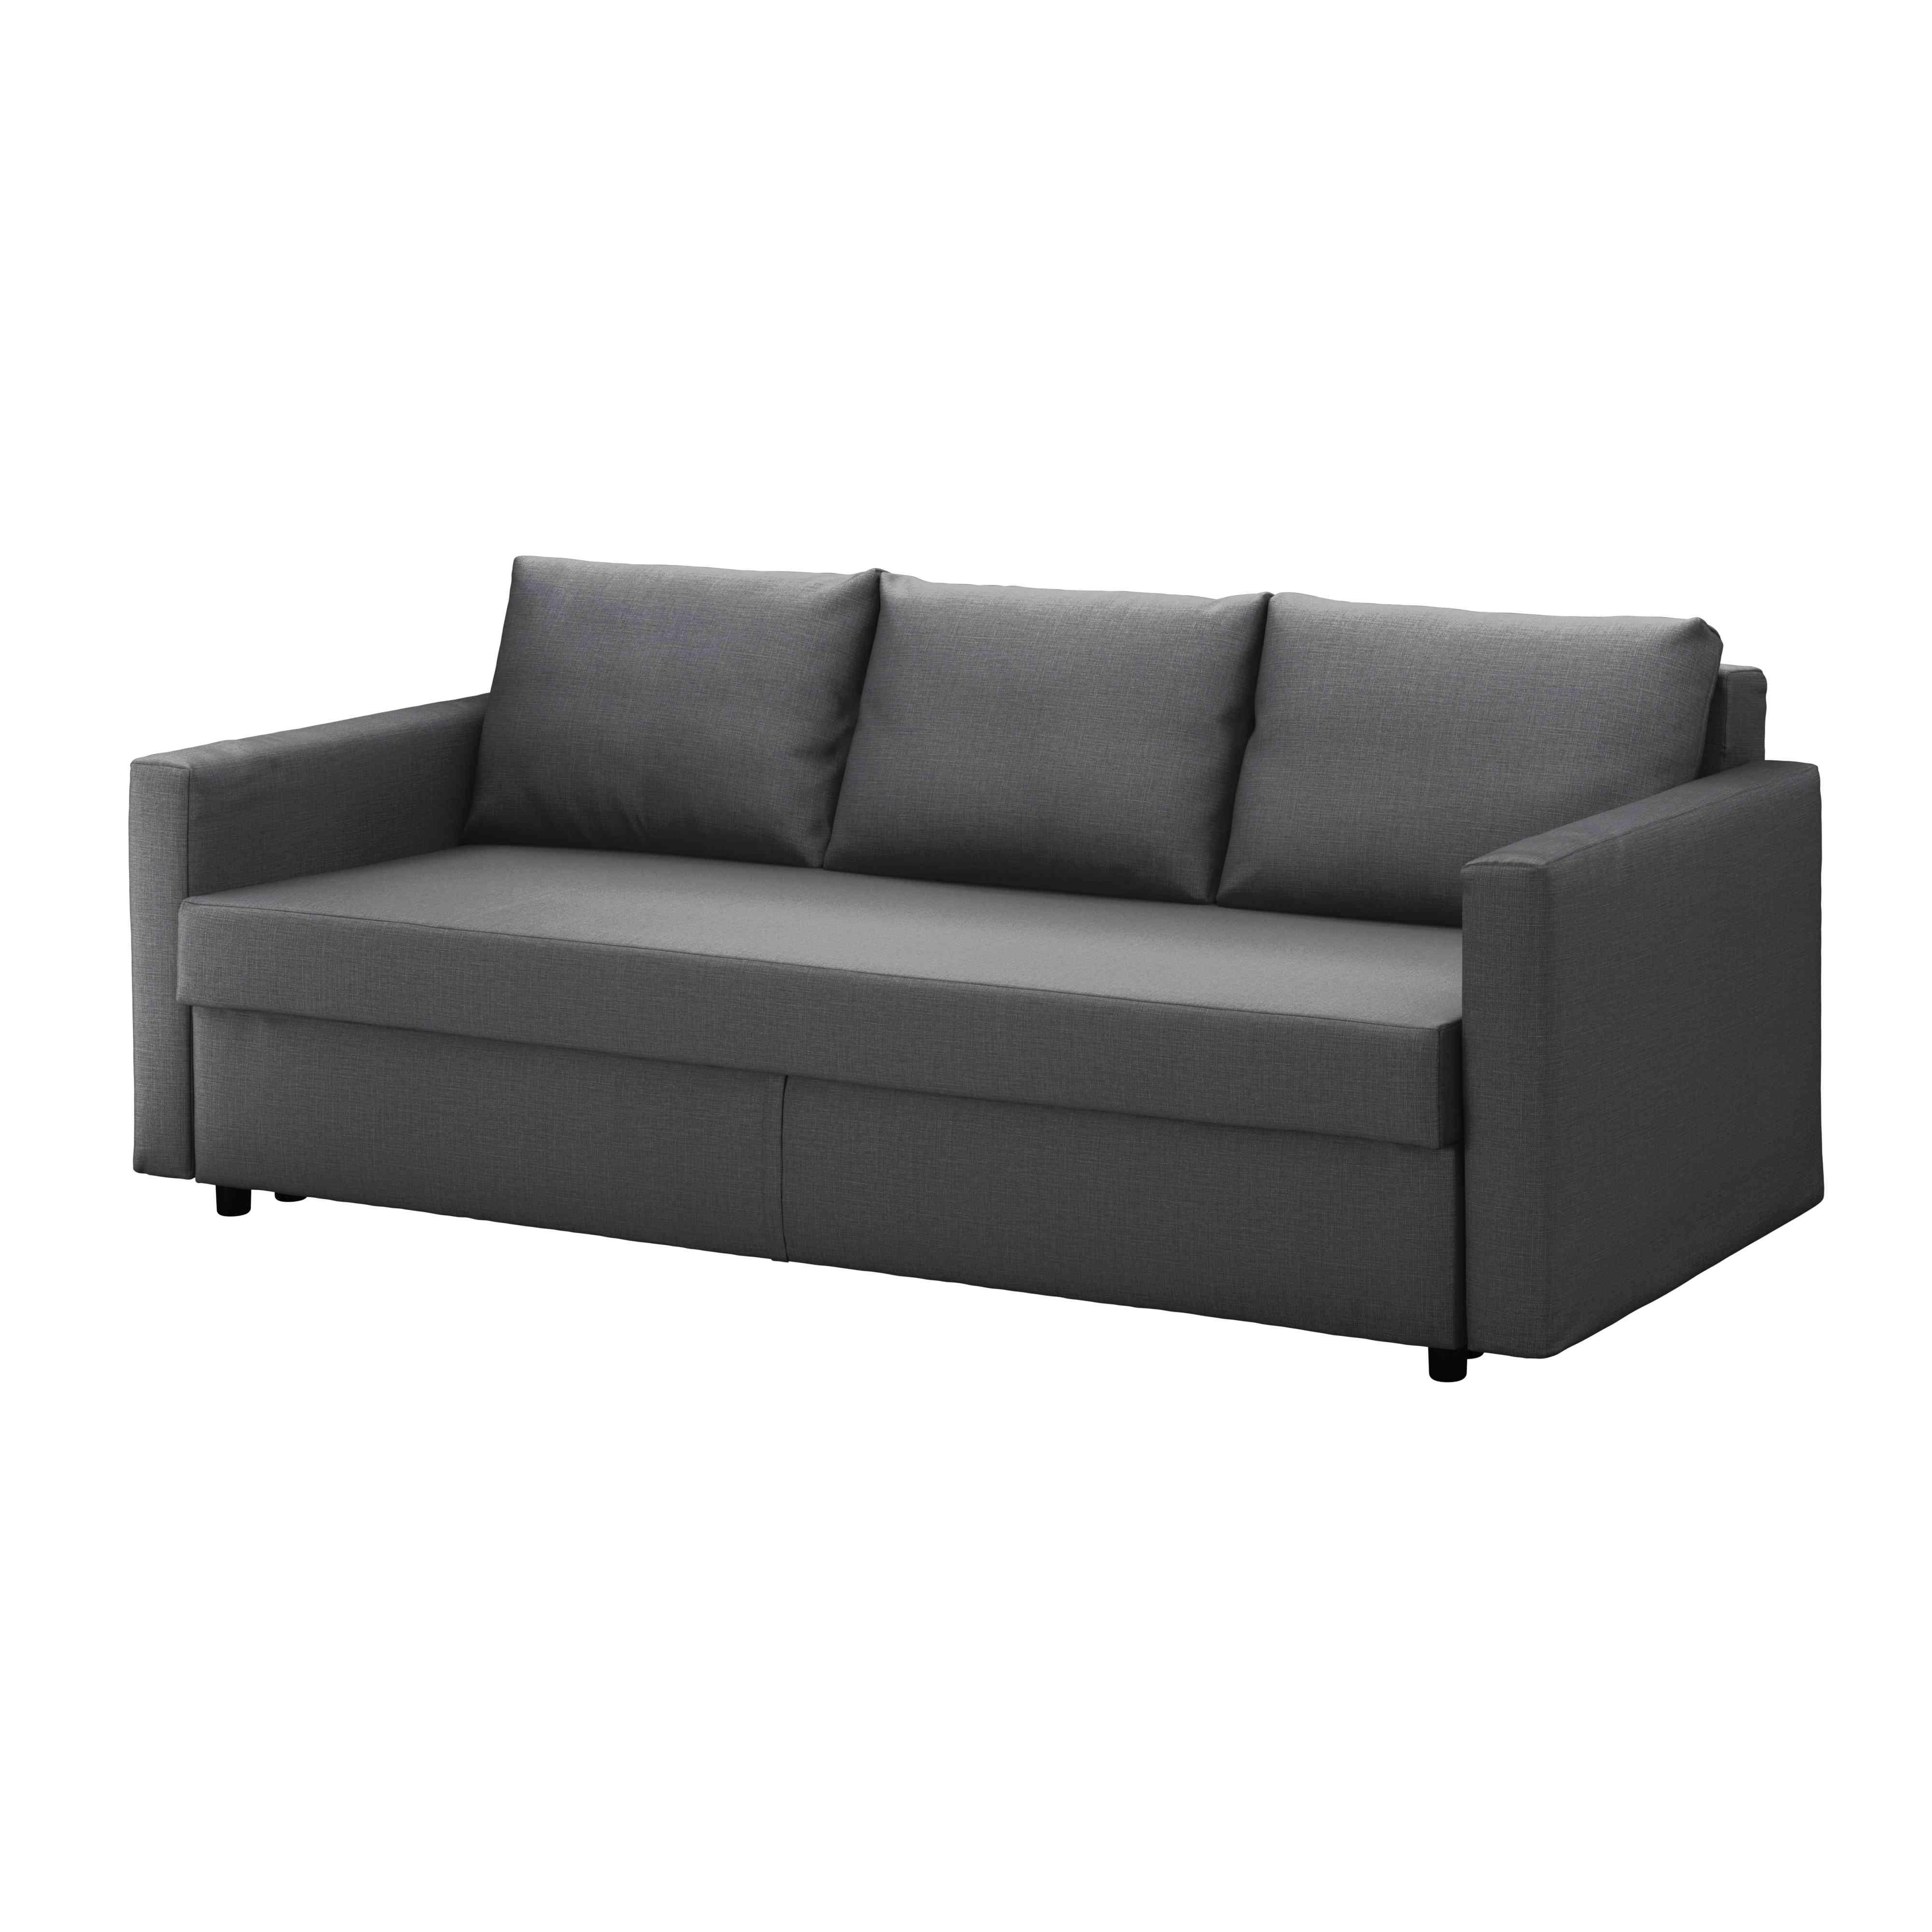 IKEA FRIHETEN Sleeper Sofa, Hyllie Beige or Dark Gray